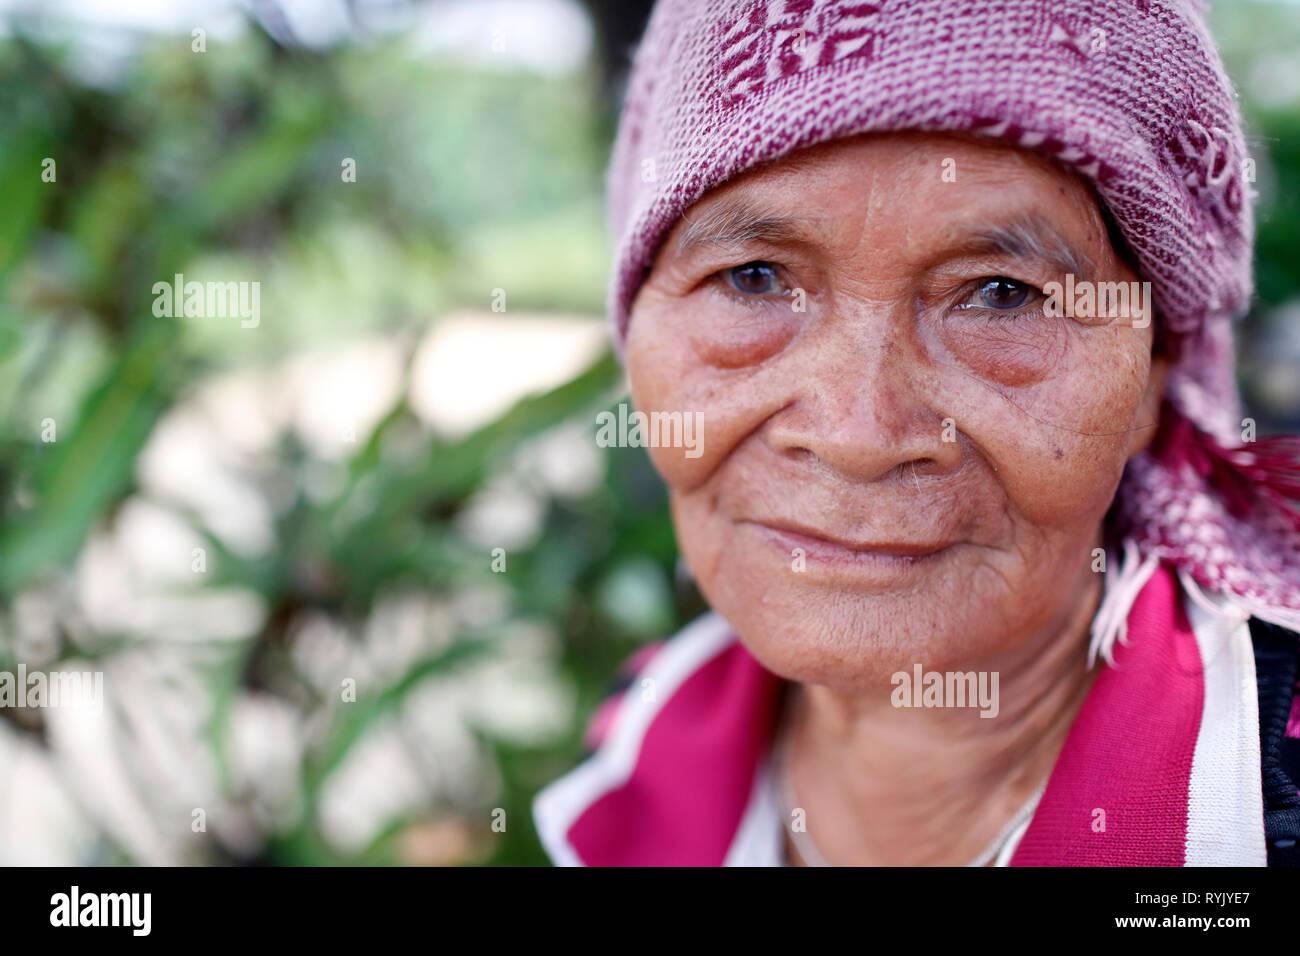 Senior minoranza etnica donna. Ritratto. Dalat. Il Vietnam. Foto Stock